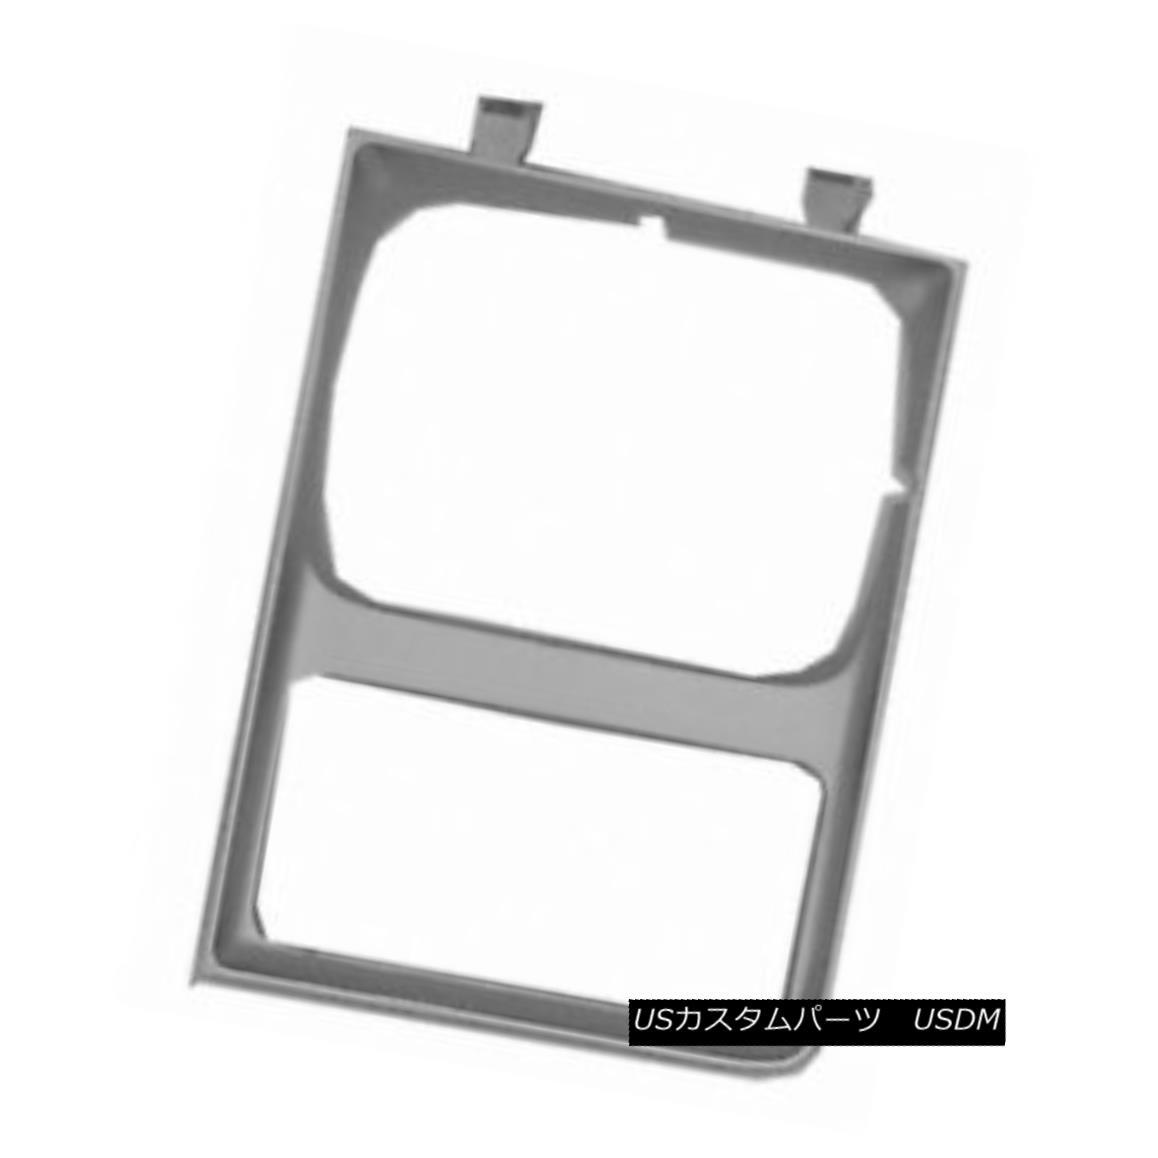 グリル New Replacement Headlight Door Silver Driver Side 630-00847AL Value 新しい交換ヘッドライトドアシルバードライバーサイド630-00847AL値